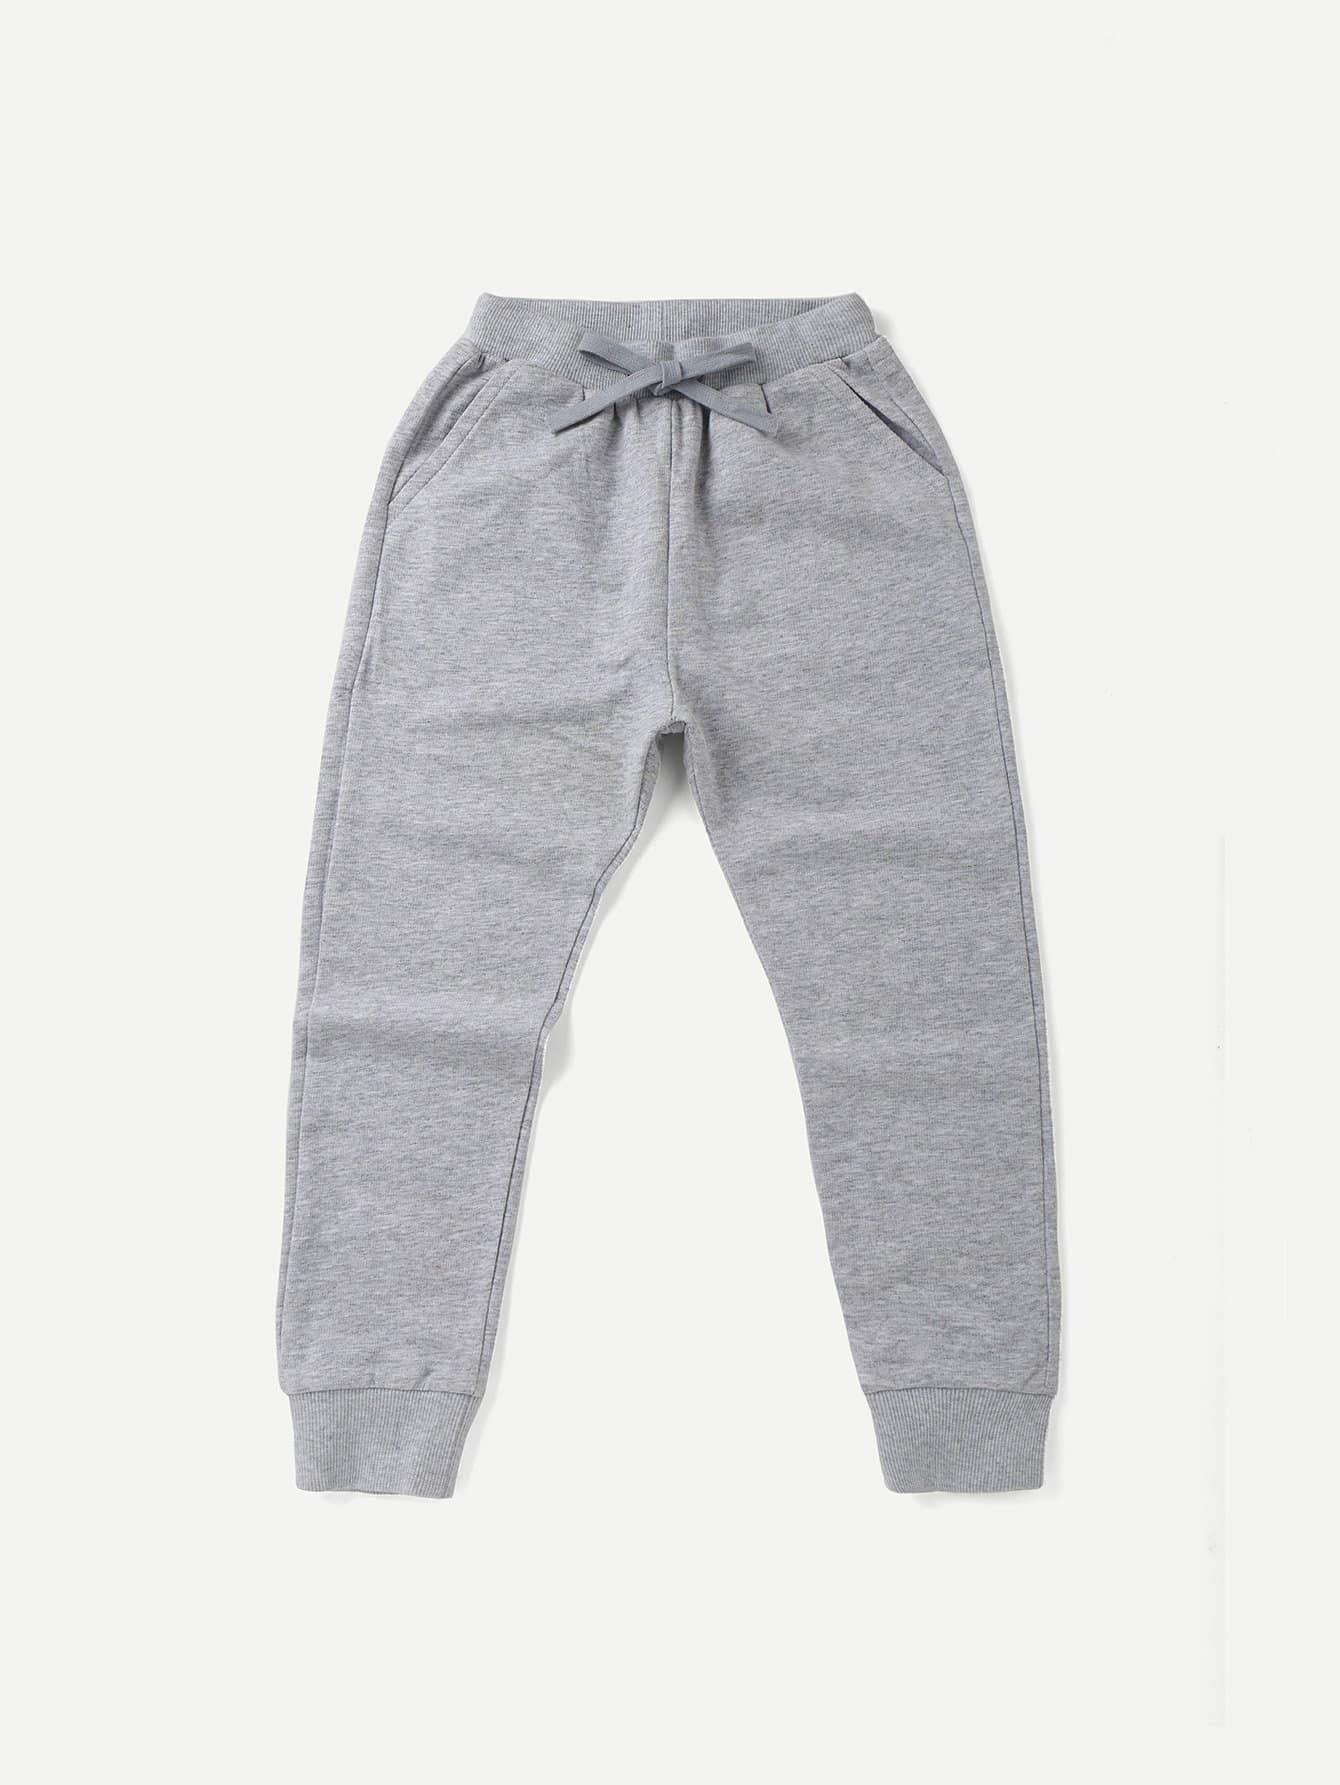 Купить Плоские полосатве брюки и с басоном эластичным для мальчика, null, SheIn